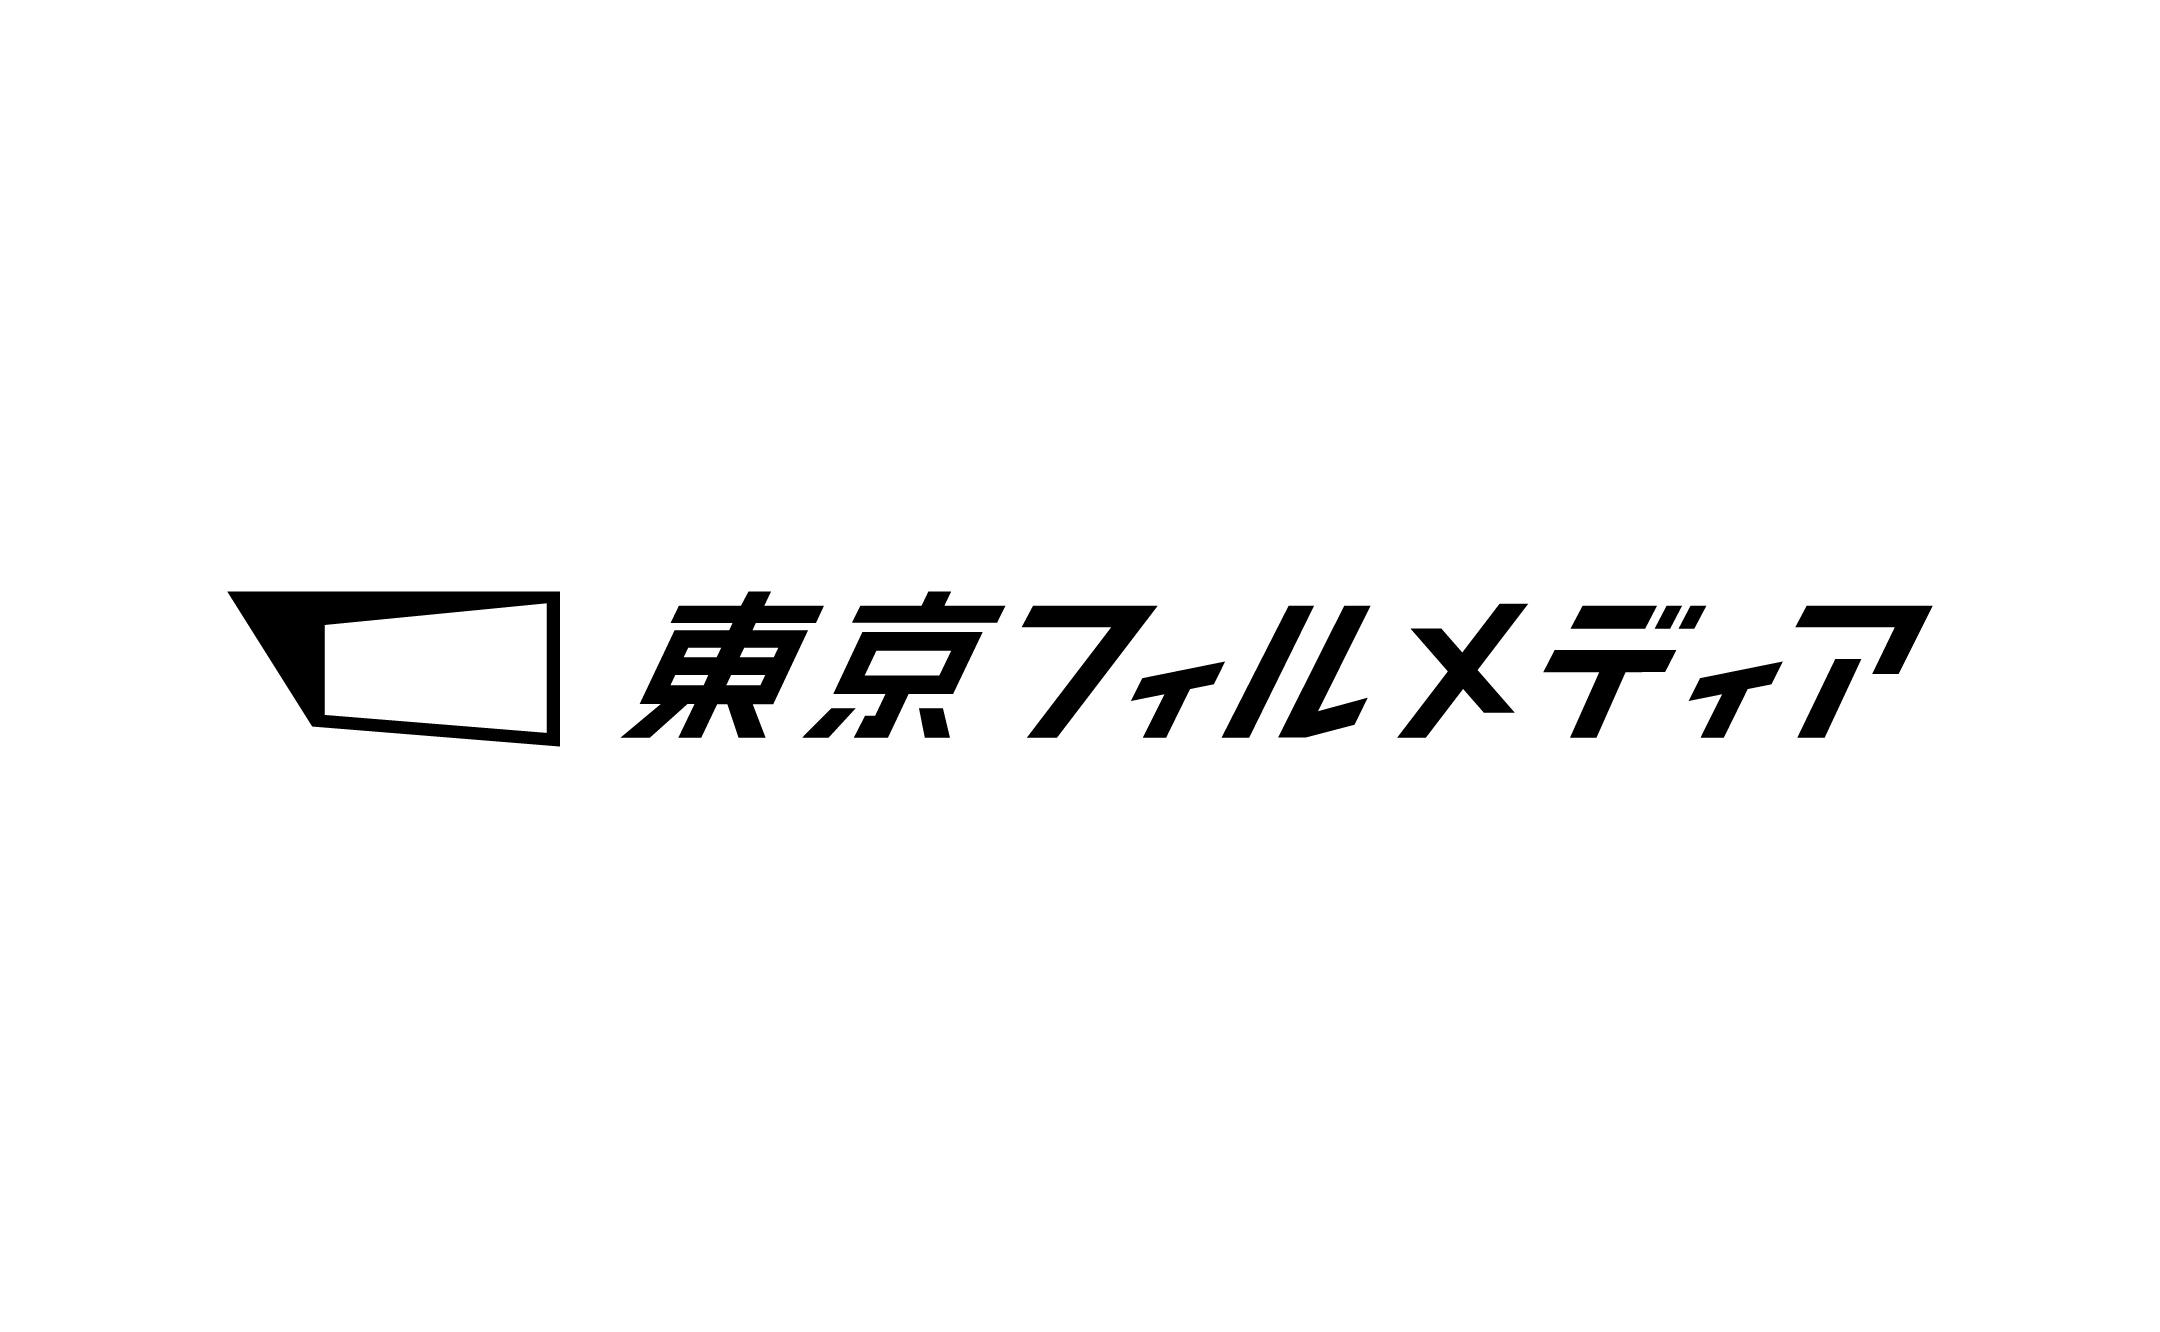 映像制作 東京フィルメディア デザイン制作